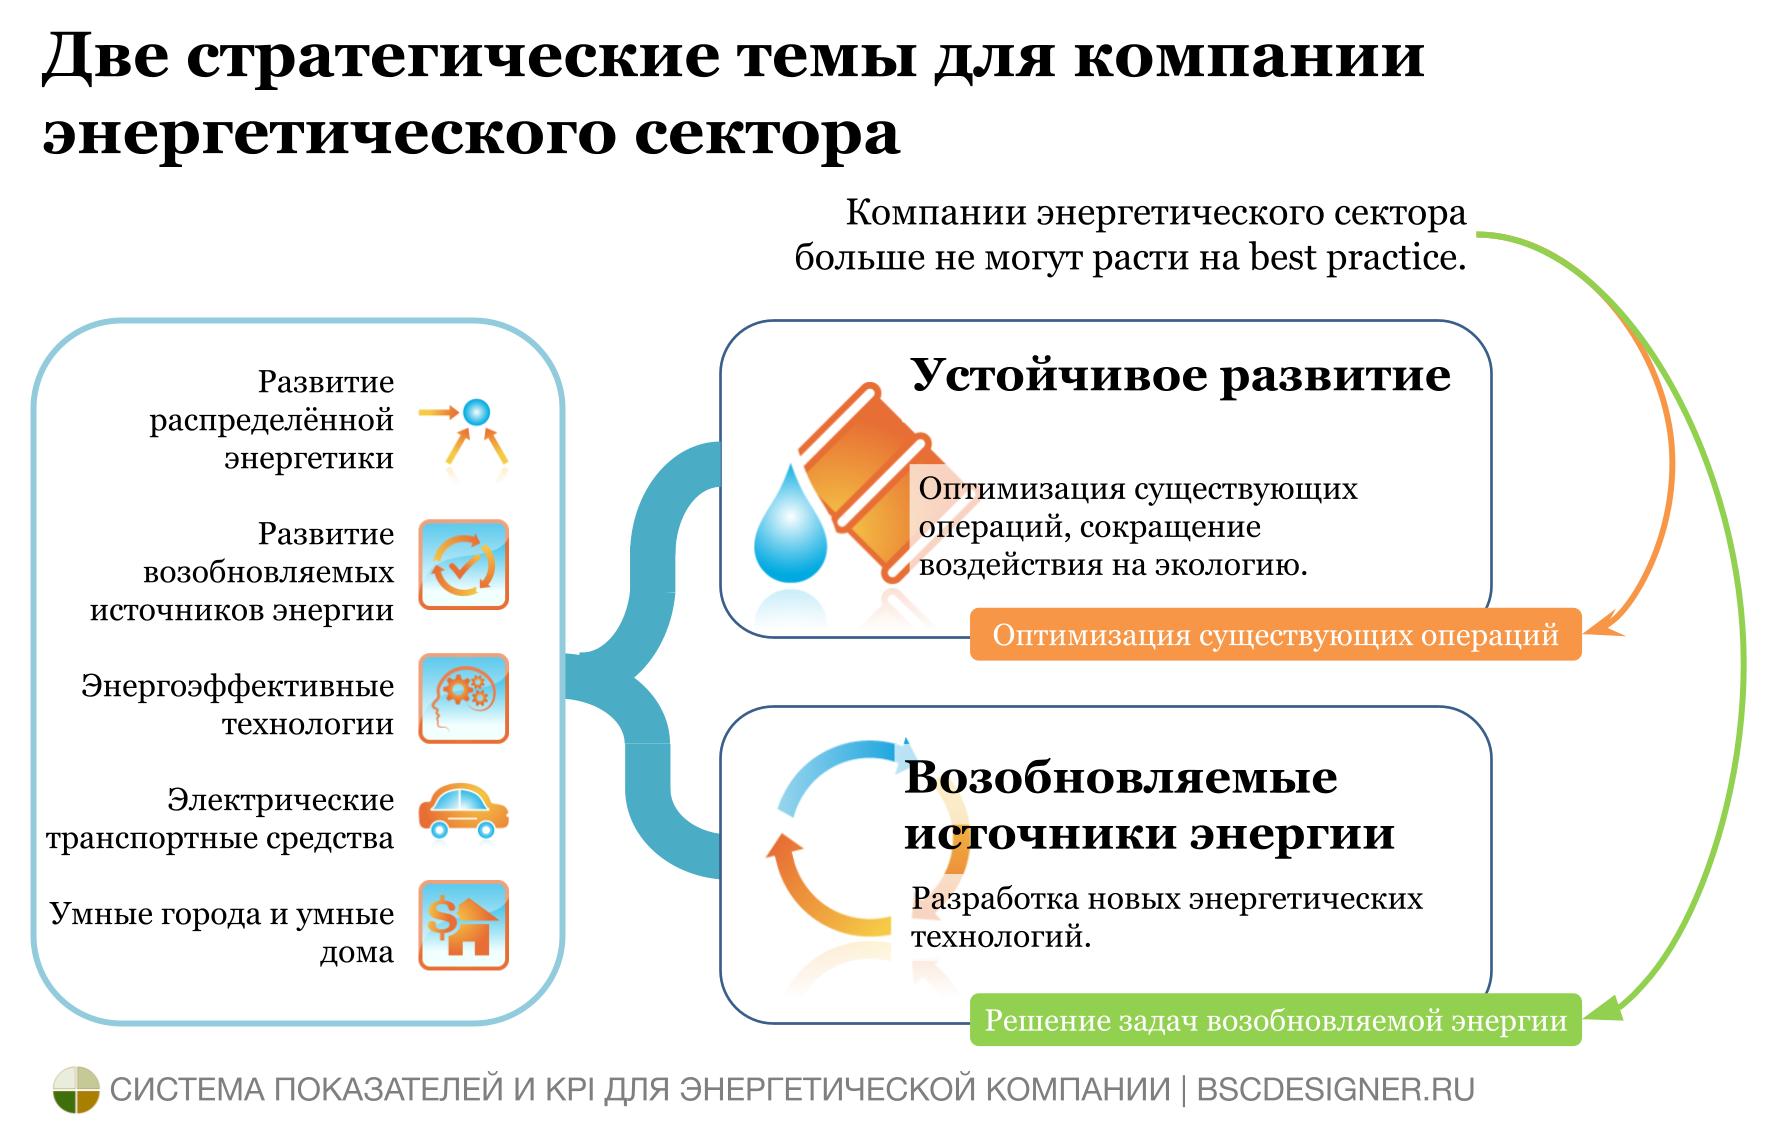 Две стратегические темы для компаний энергетического сектора